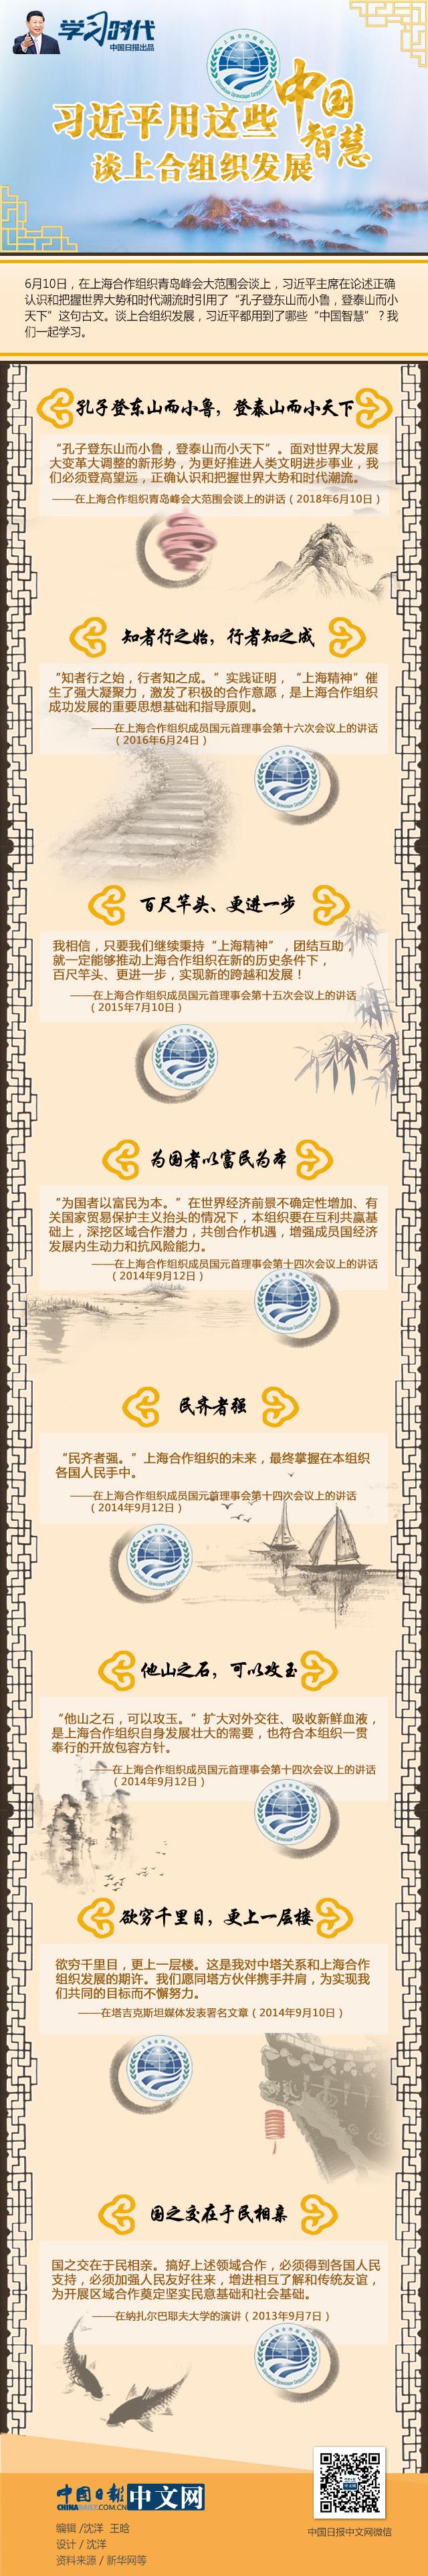 习近平用这些中国智慧谈上合组织发展